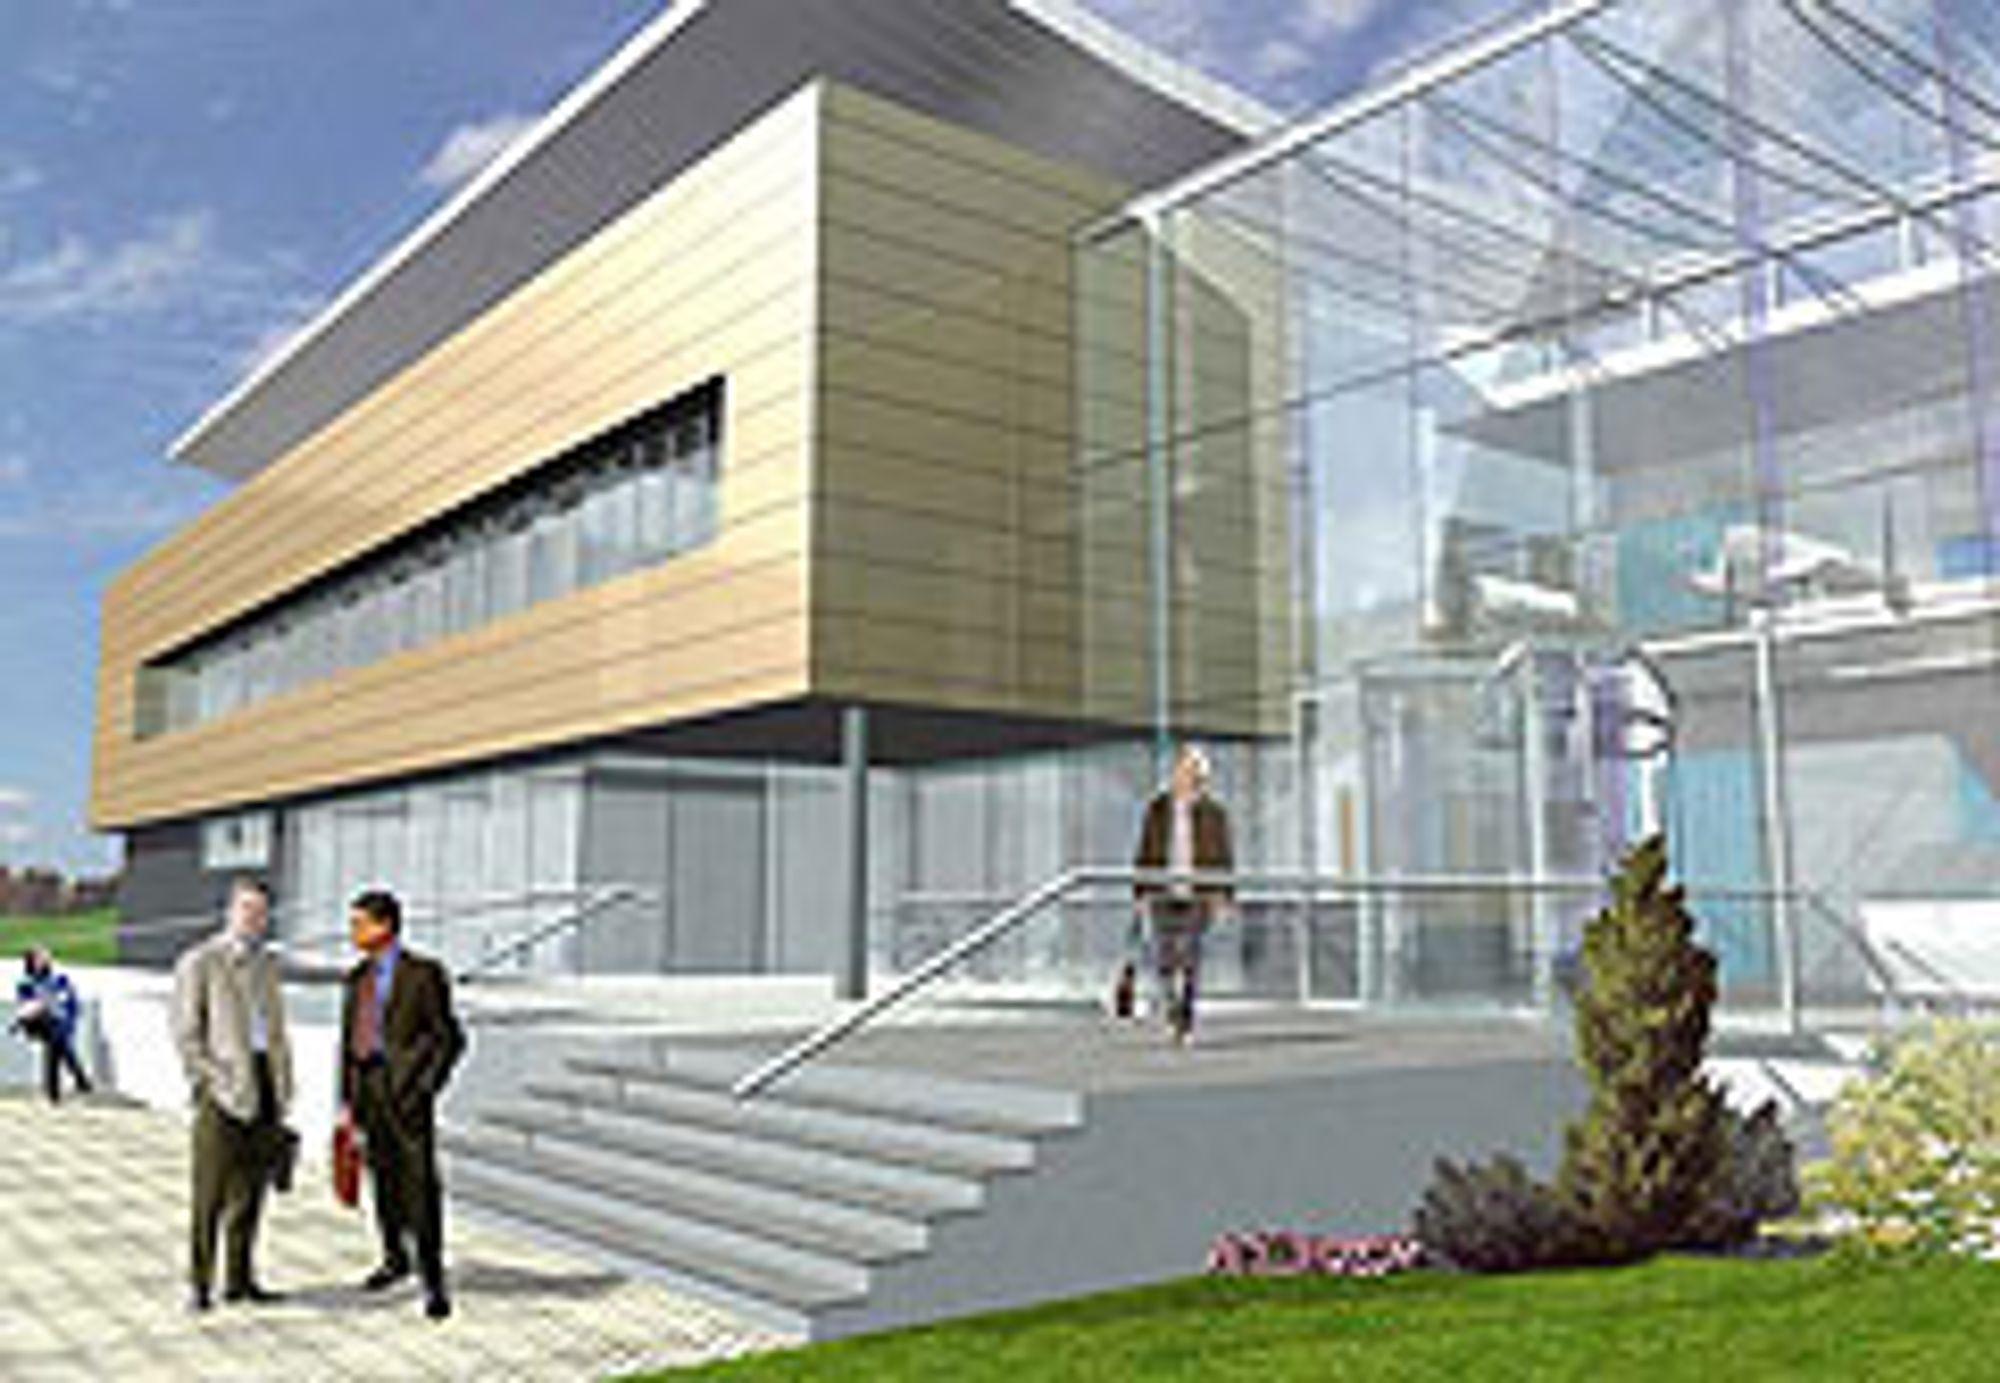 BIOMEDISIN: Neste år står det klart, det nye skotske biomedisinske sentret CRC i Dundee. Det innredes som en blanding av hotell og sykehus og skal konsentrere seg om forskning og eksperimentell behandling innen kreft, hjertelidelser, diabetes og nervesykdommer. FOTO LPS